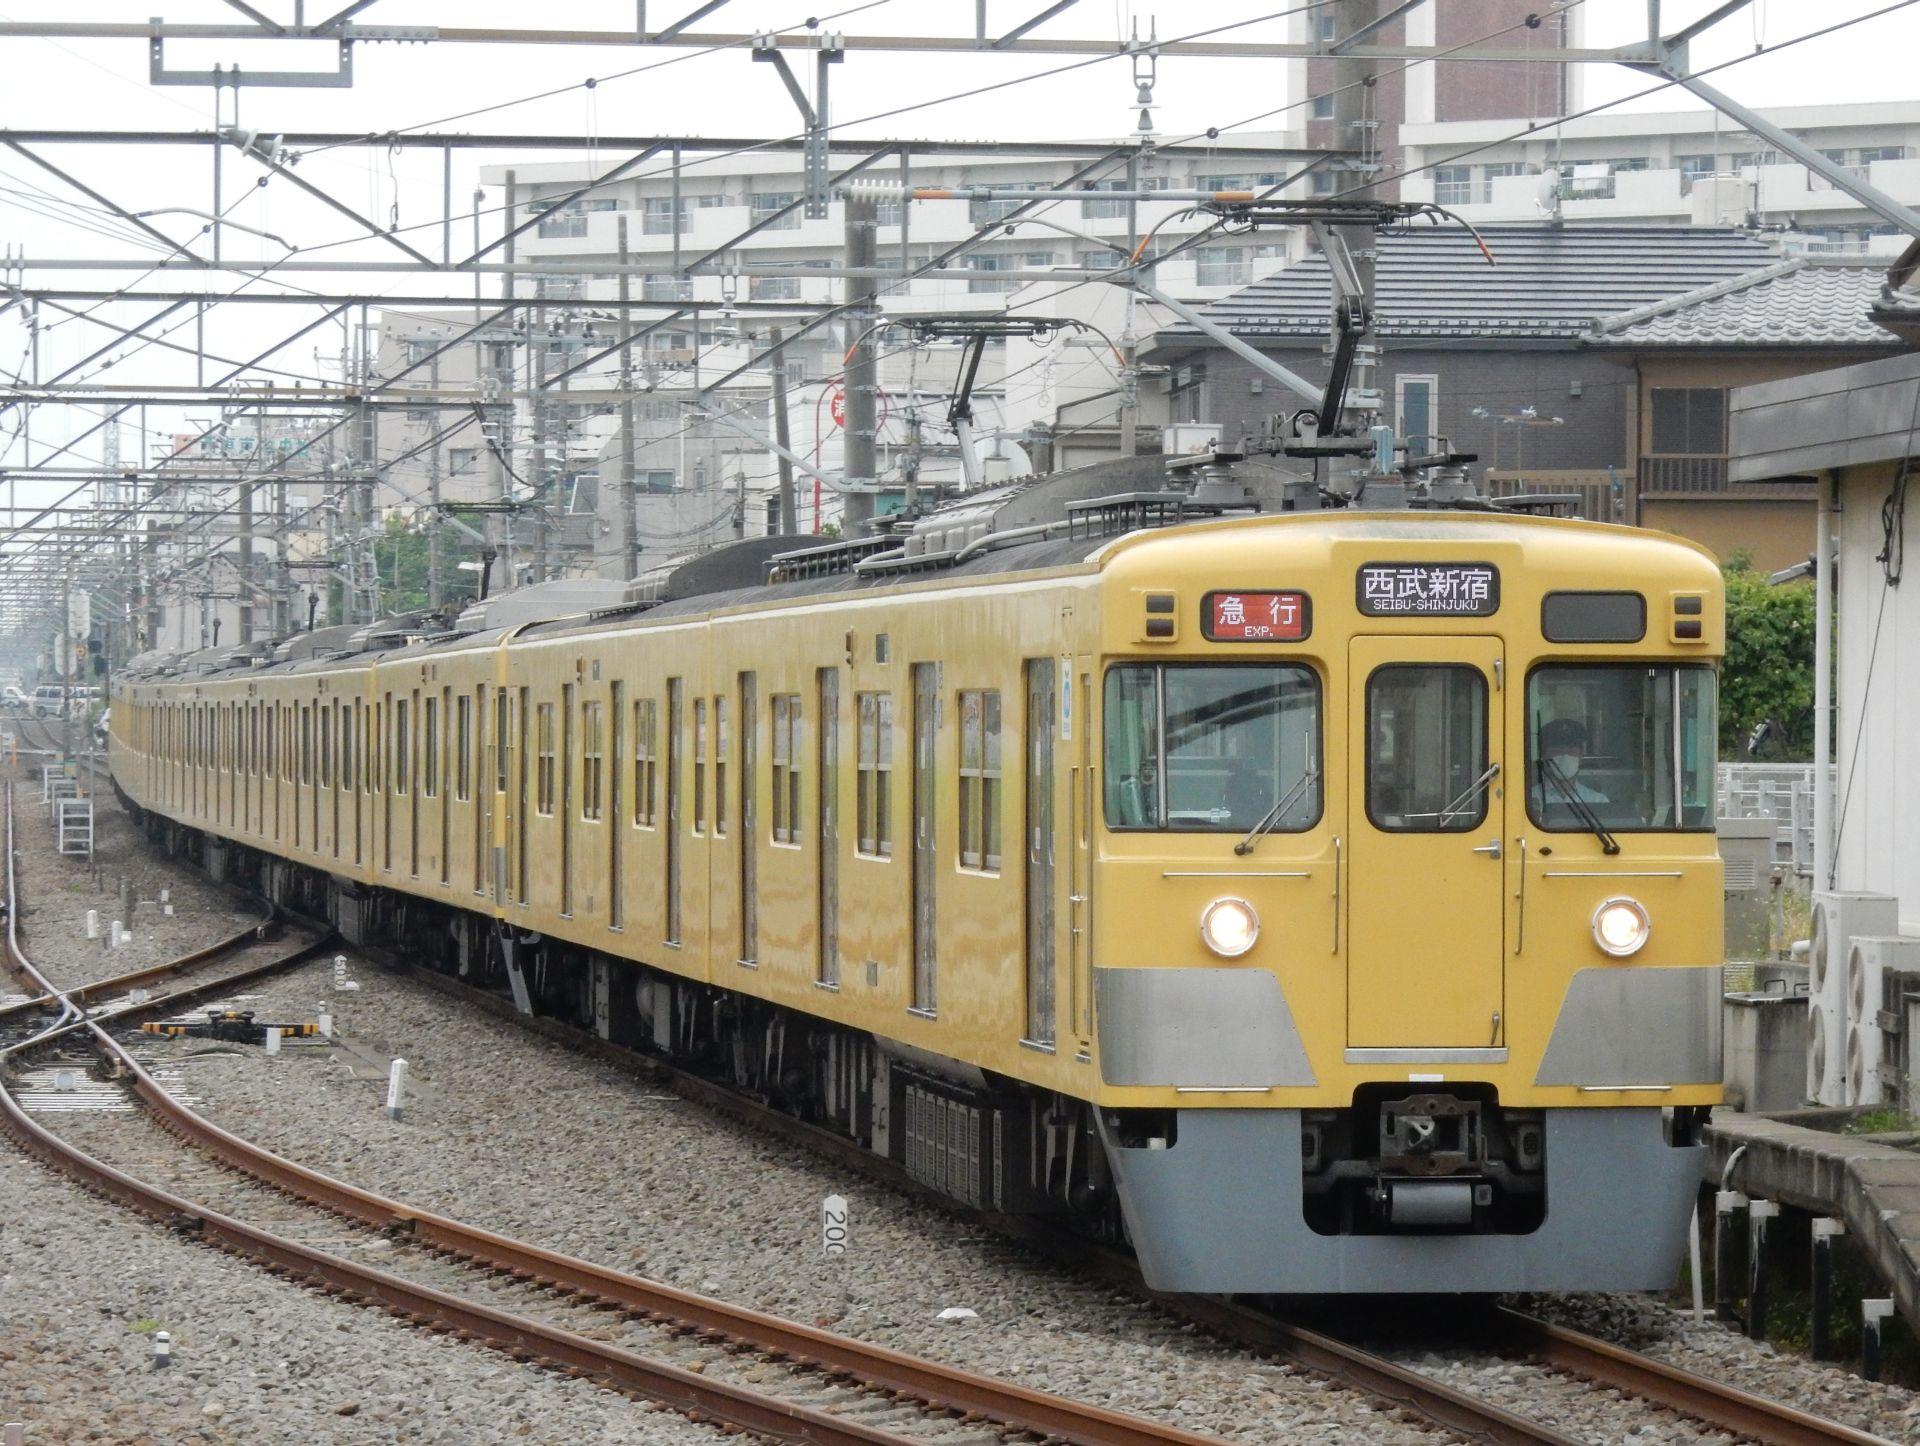 DSCN0030 - コピー